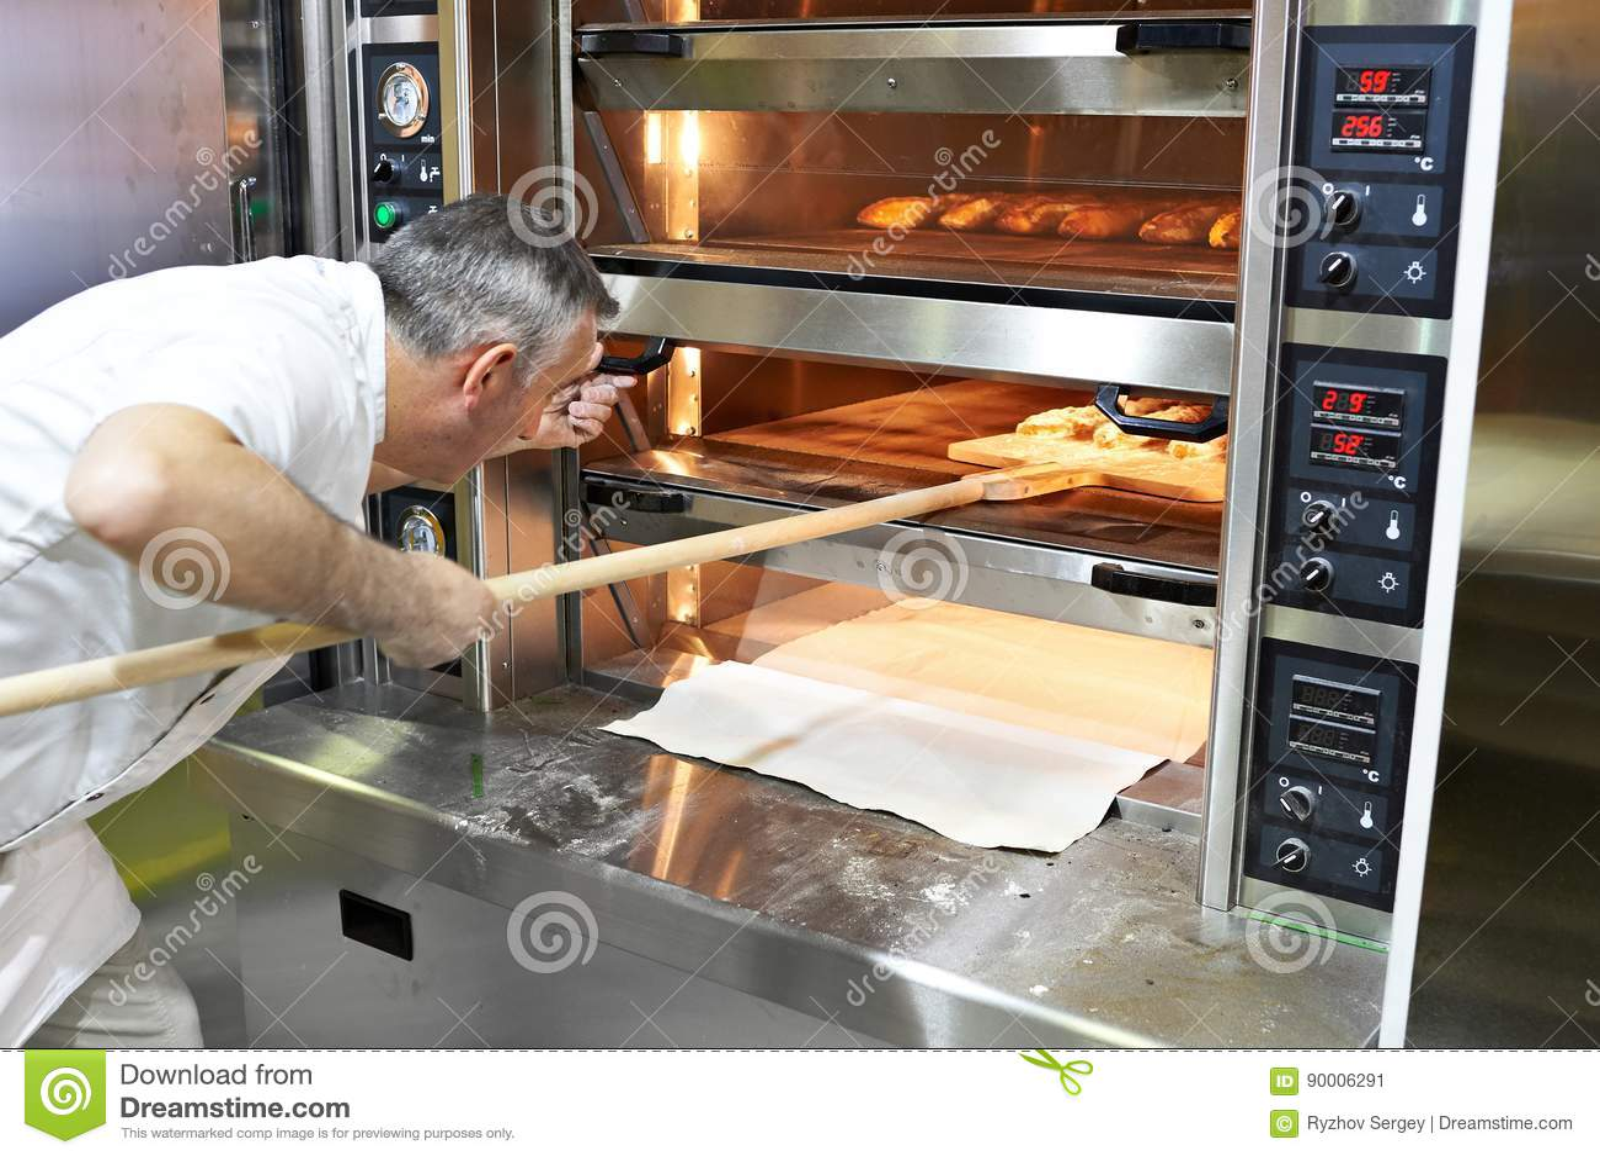 Bäcker backt Brot im Ofen